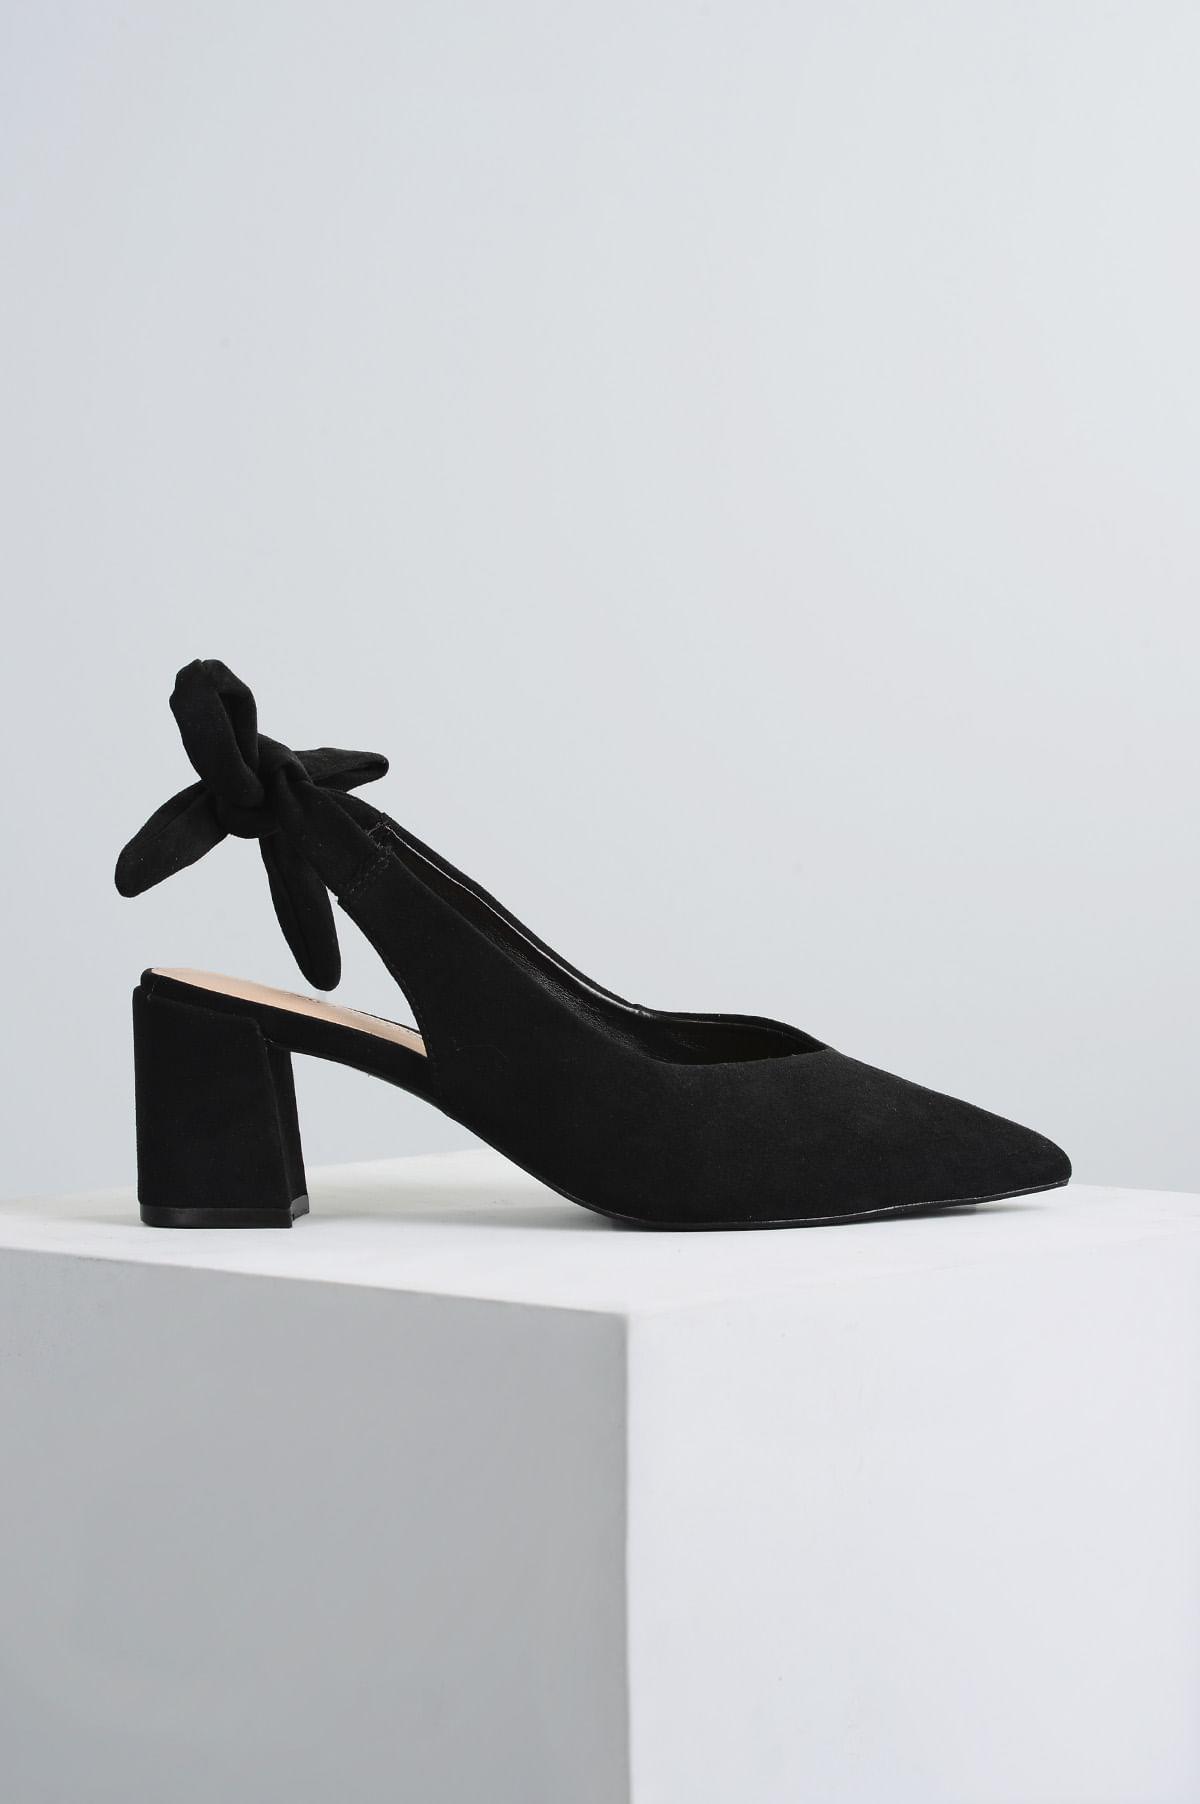 5d9f1c954 Sapato Feminino Salto Médio Miley Mundial CAM - PRETO - Mundial Calçados